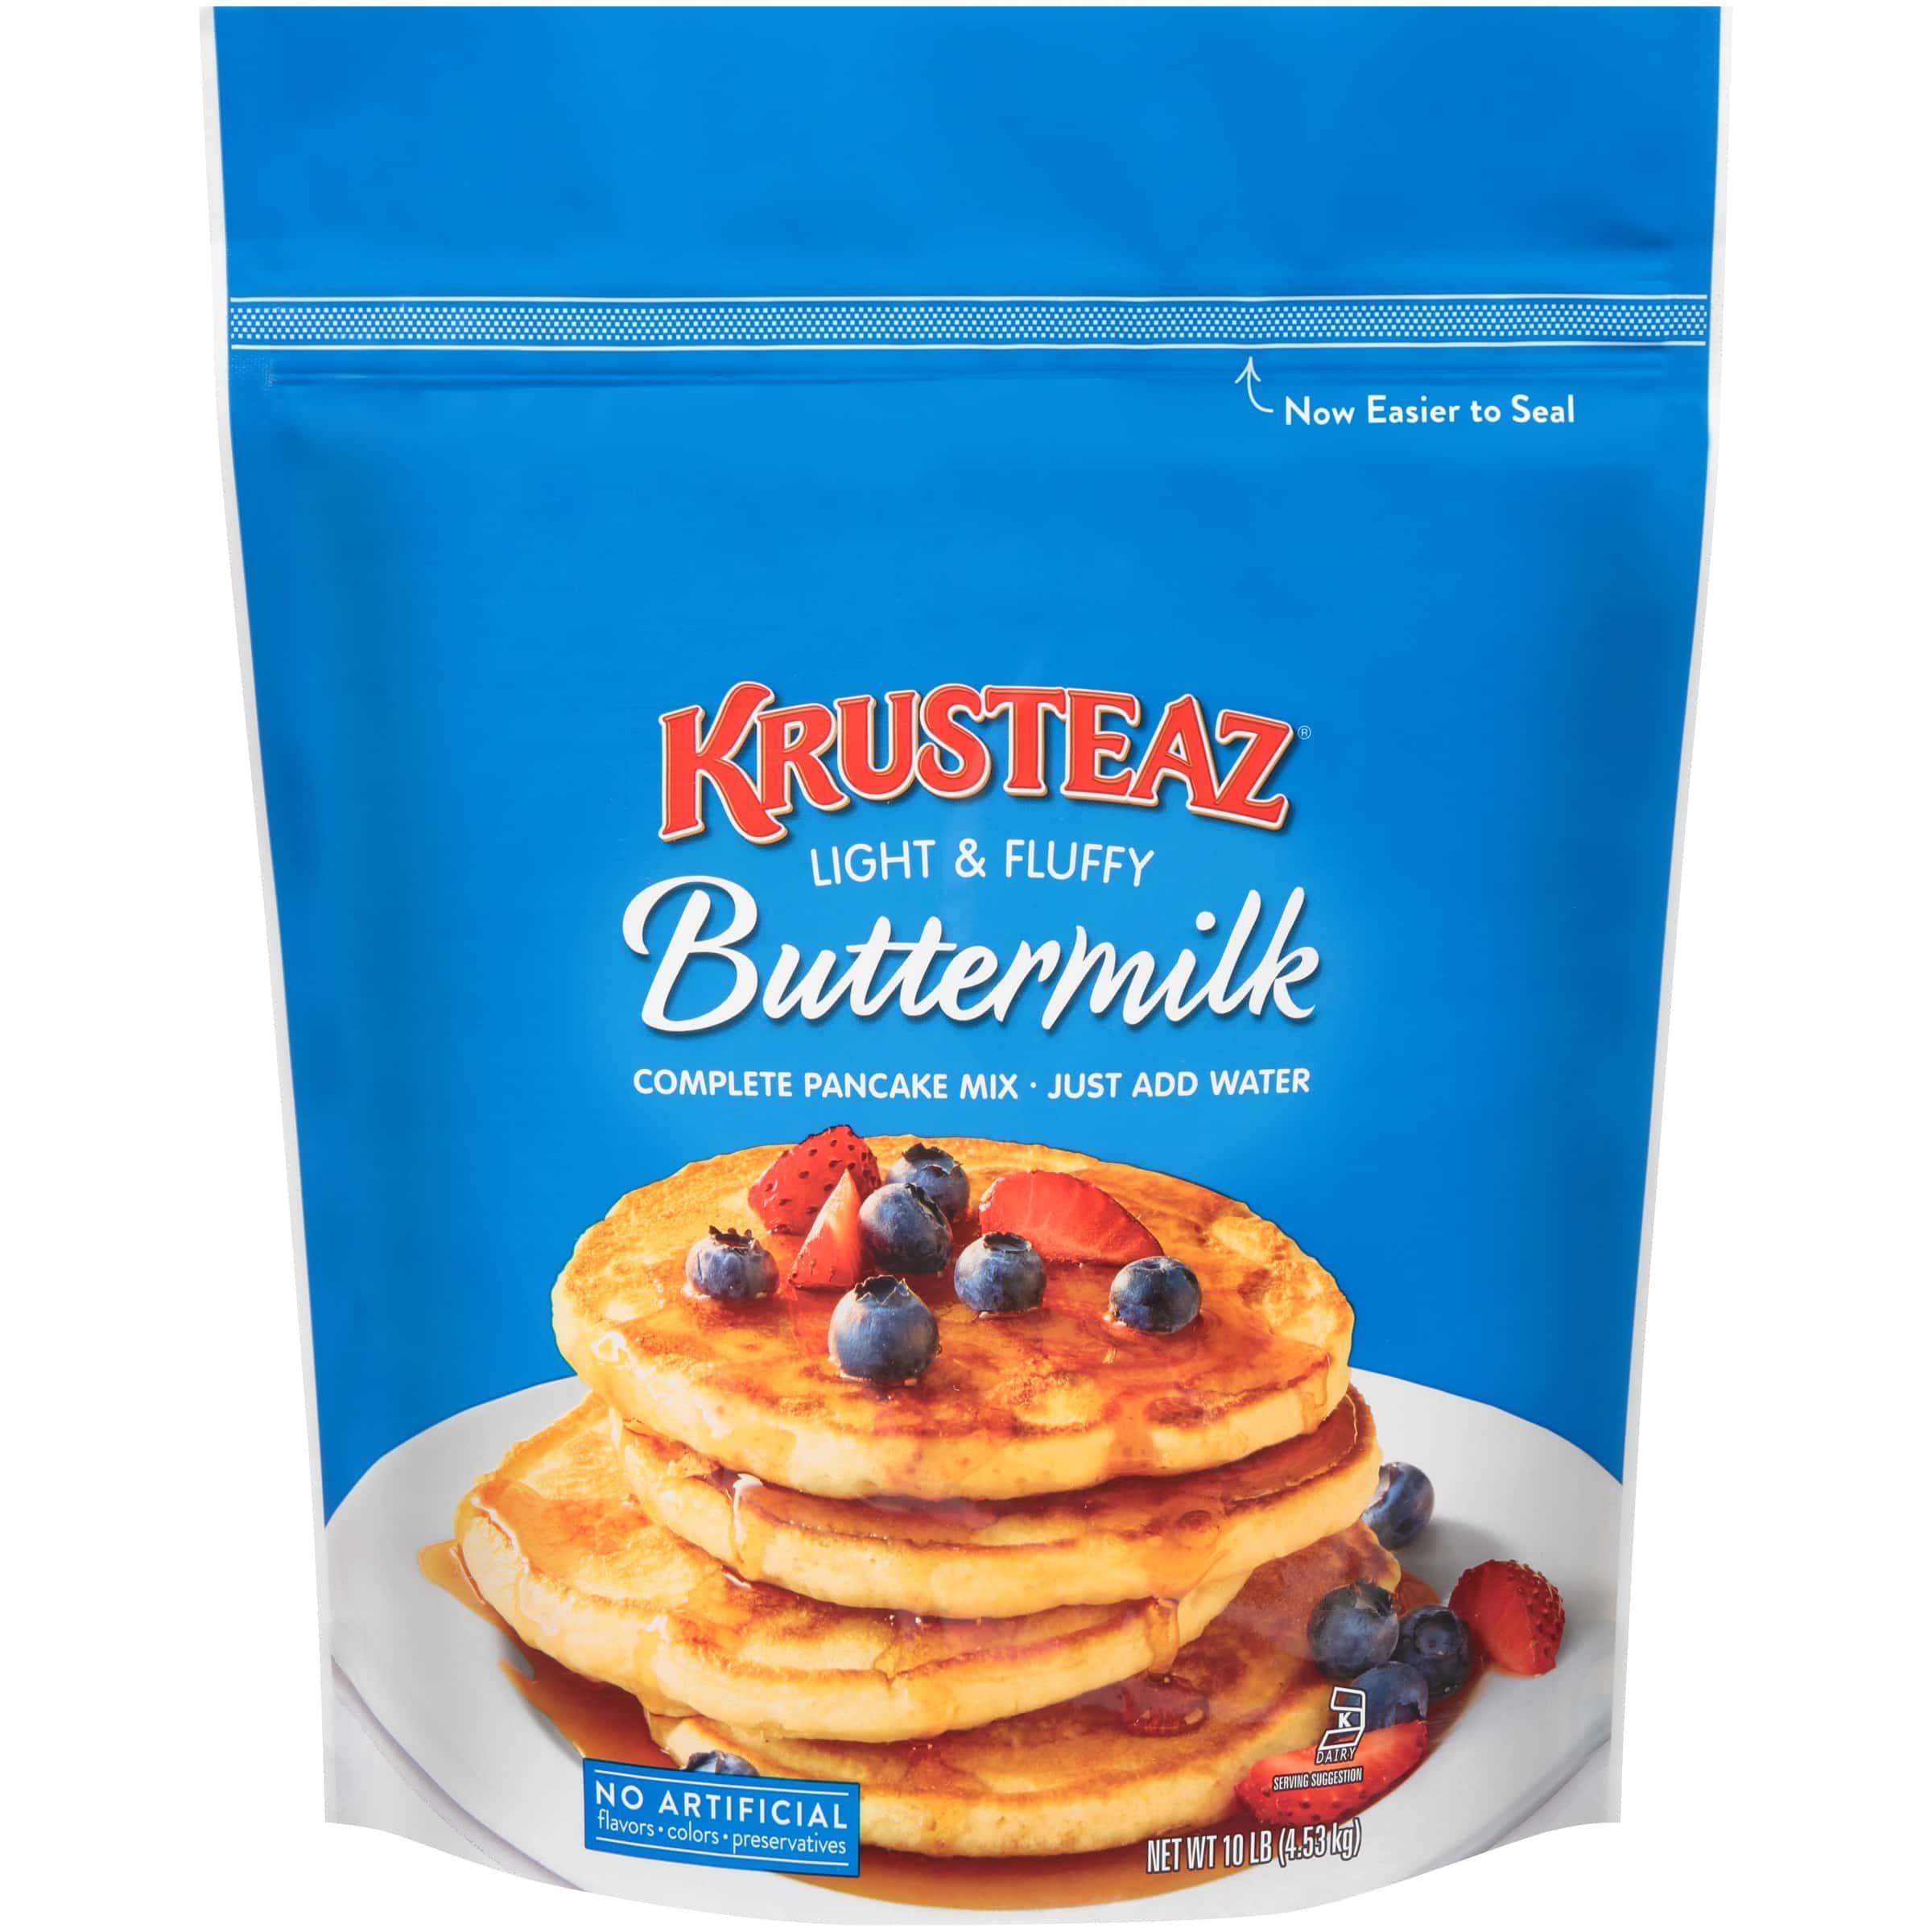 Krusteaz Light & Fluffy Complete Buttermilk Pancake Mix